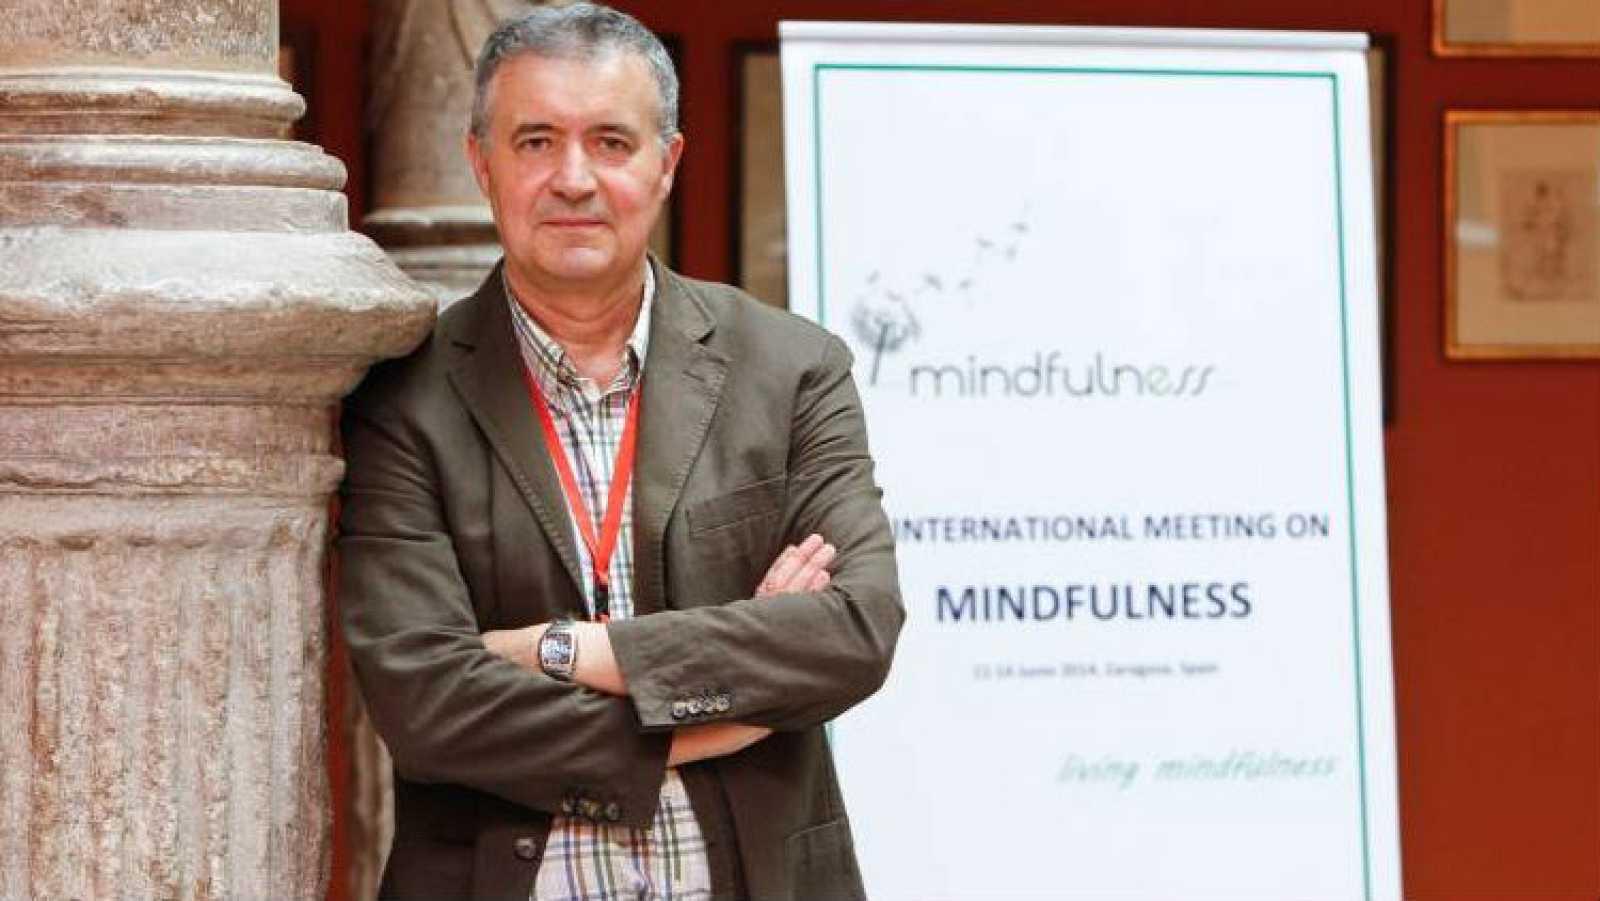 Complementarios - Disfrutar de la vida gracias al mindfullness - 15/7/18 - Escuchar ahora